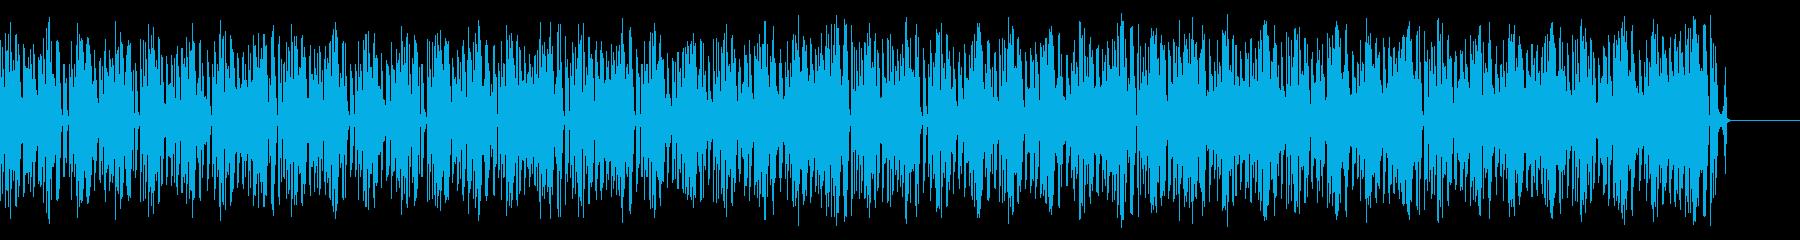 EDM クールな曲ですの再生済みの波形